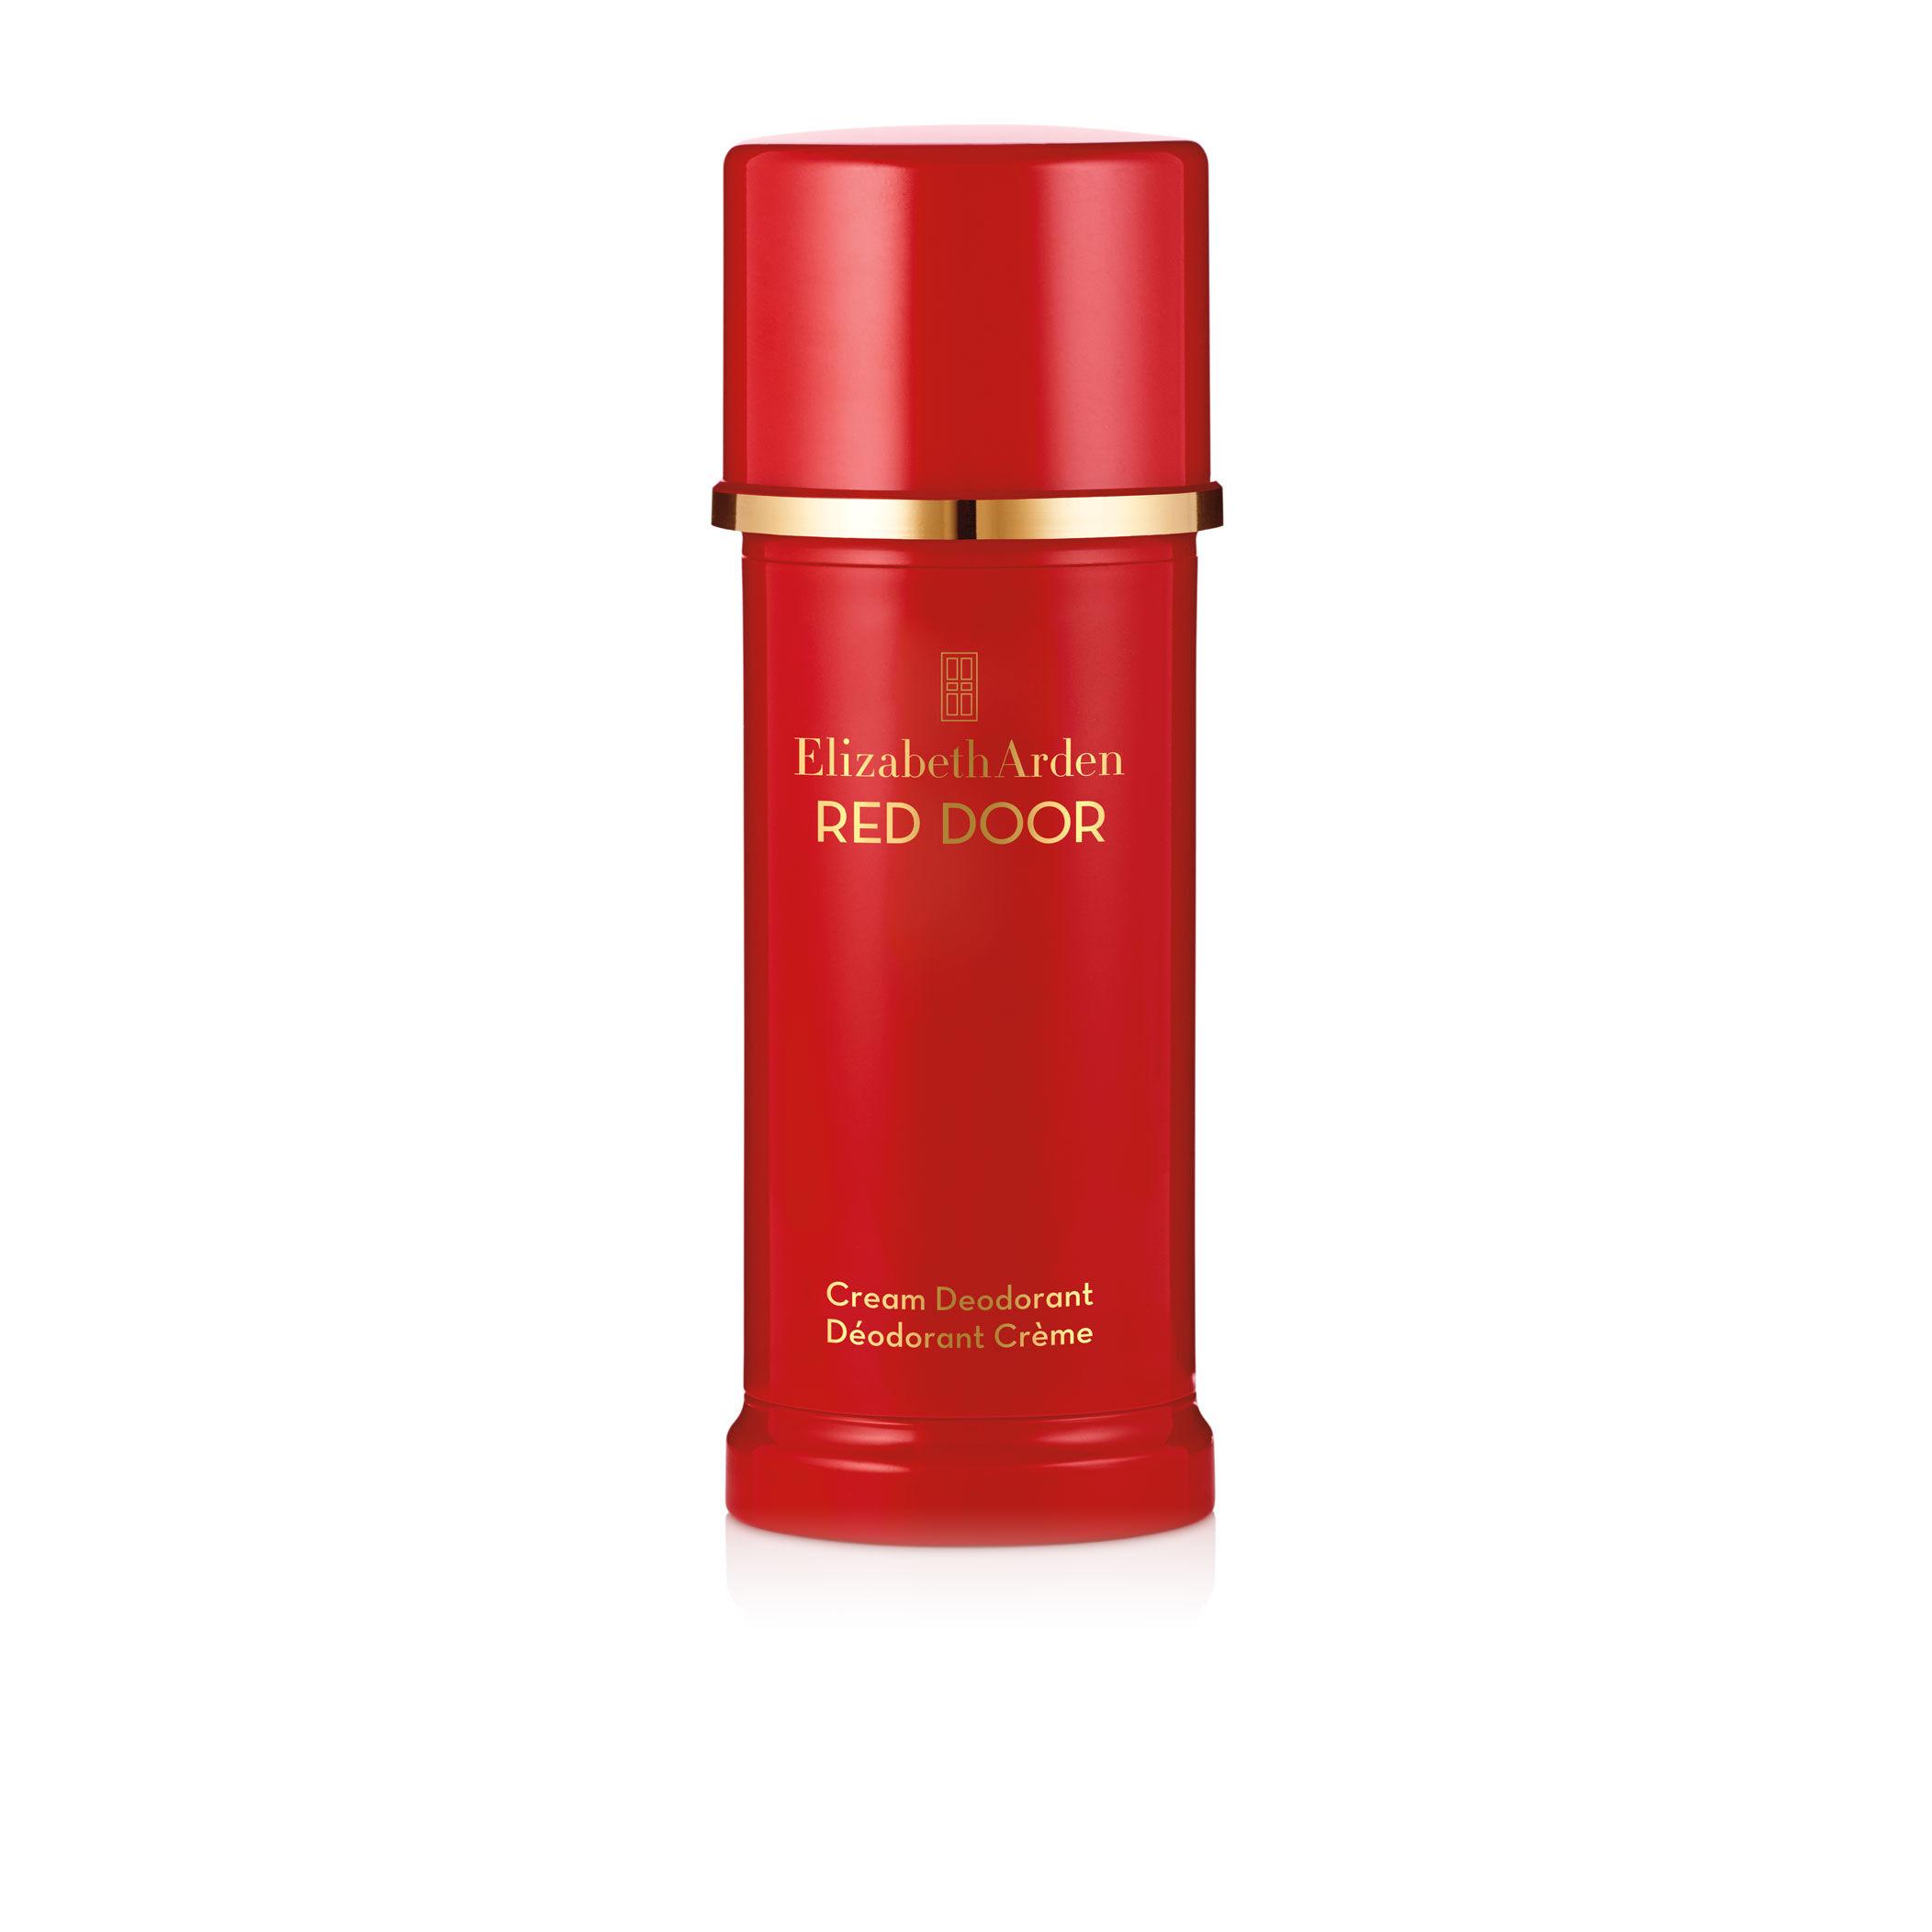 Red Door Cream Deodorant  sc 1 st  Elizabeth Arden & Red Door Perfume a Signature Fragrance | Elizabeth Arden